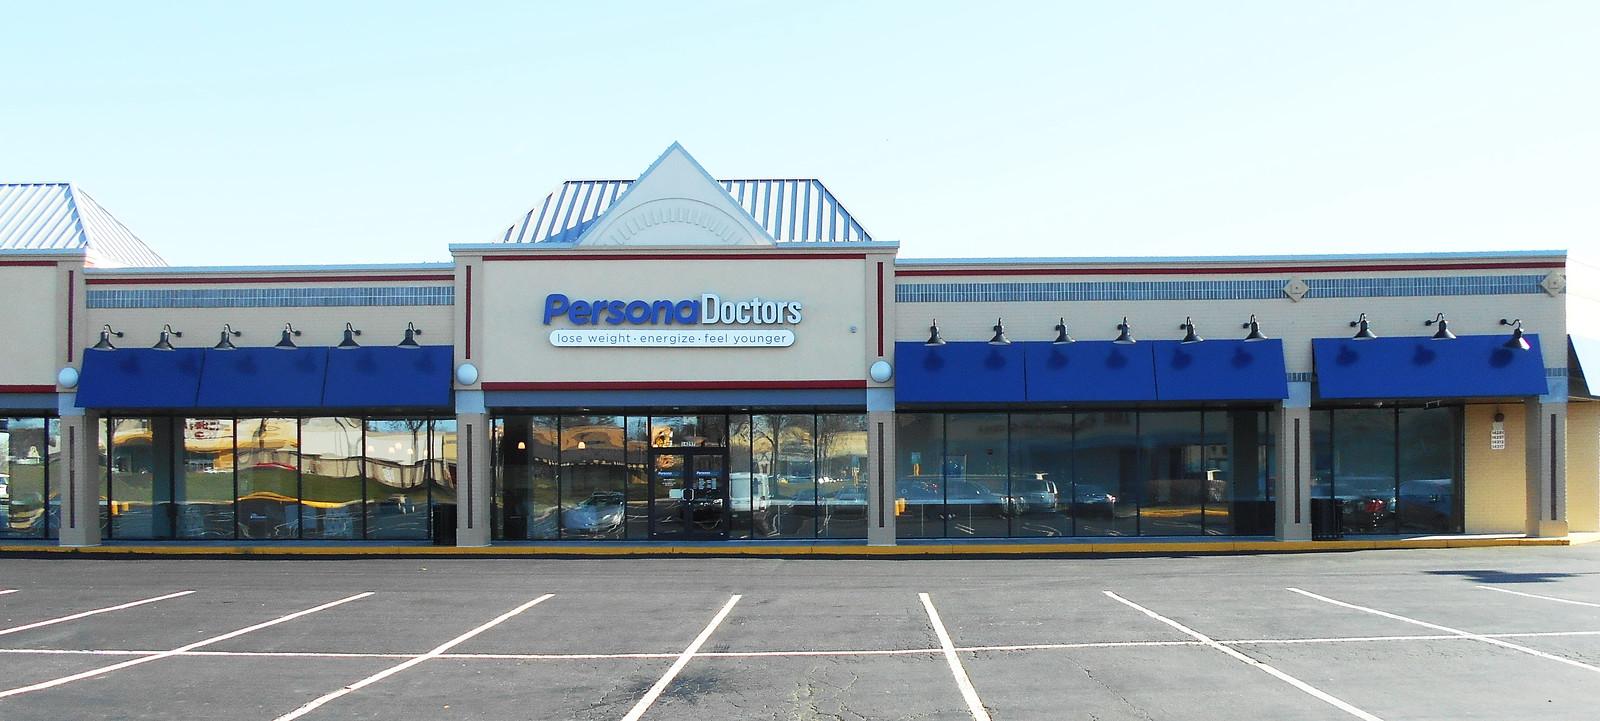 Retail Store Awnings Baltimore